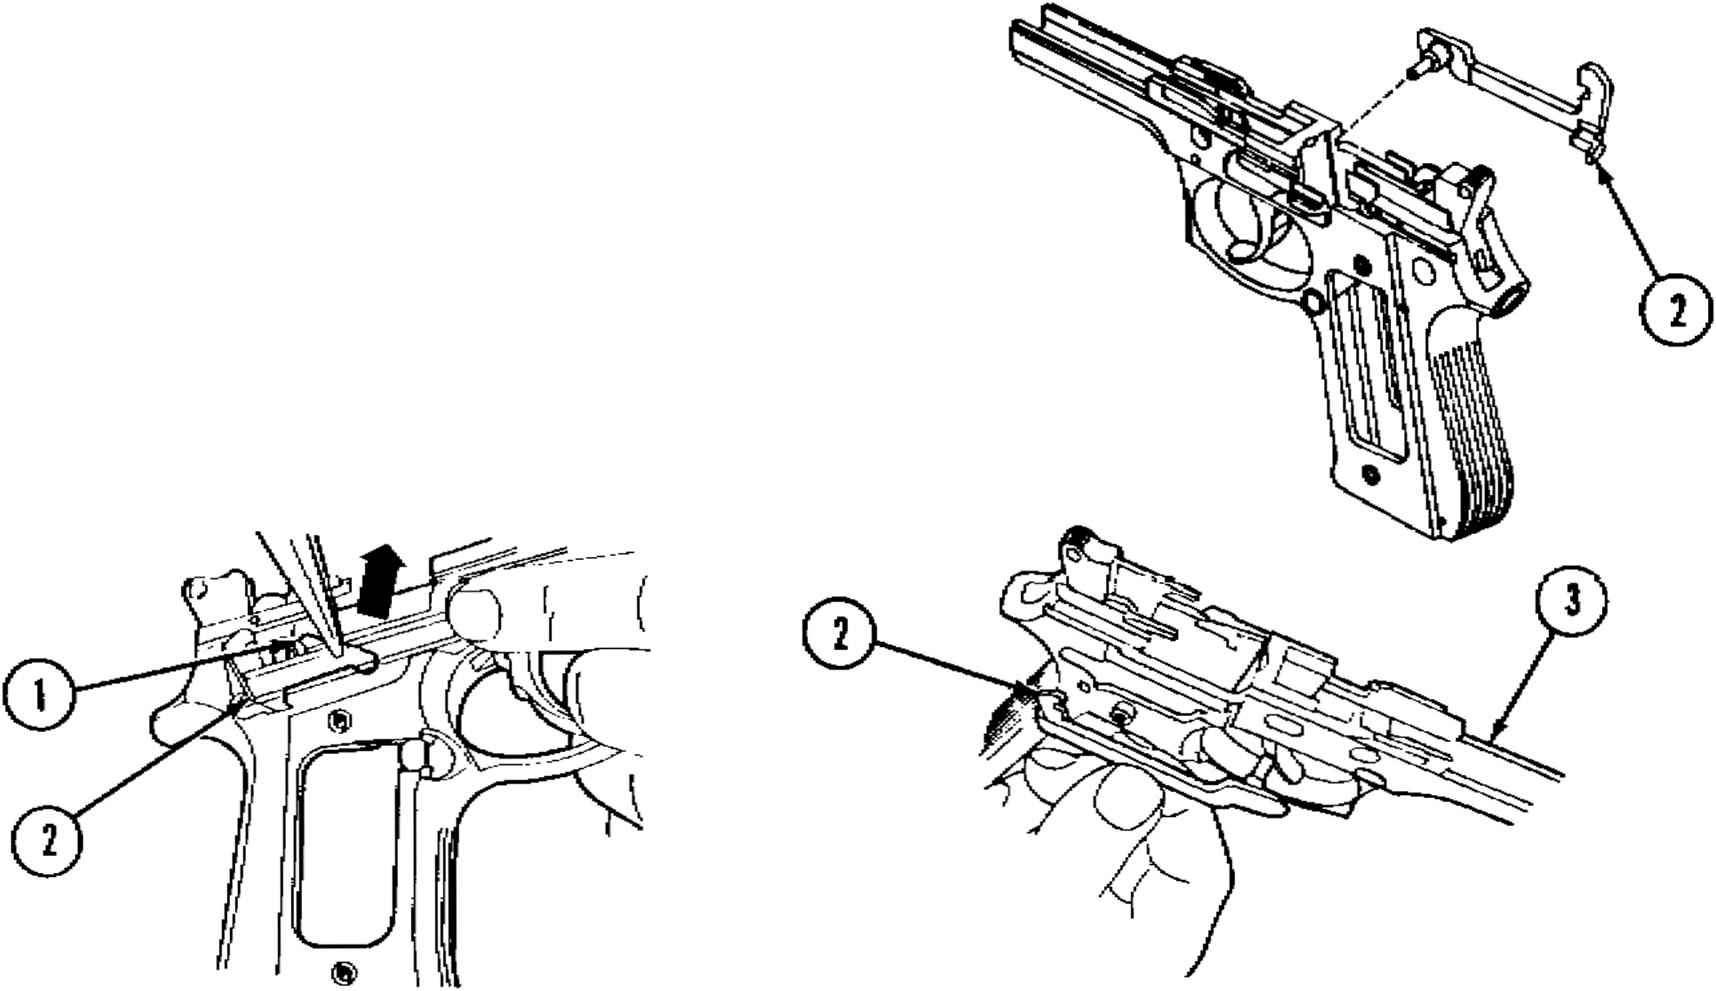 caution - beretta 92f 9mm pistol